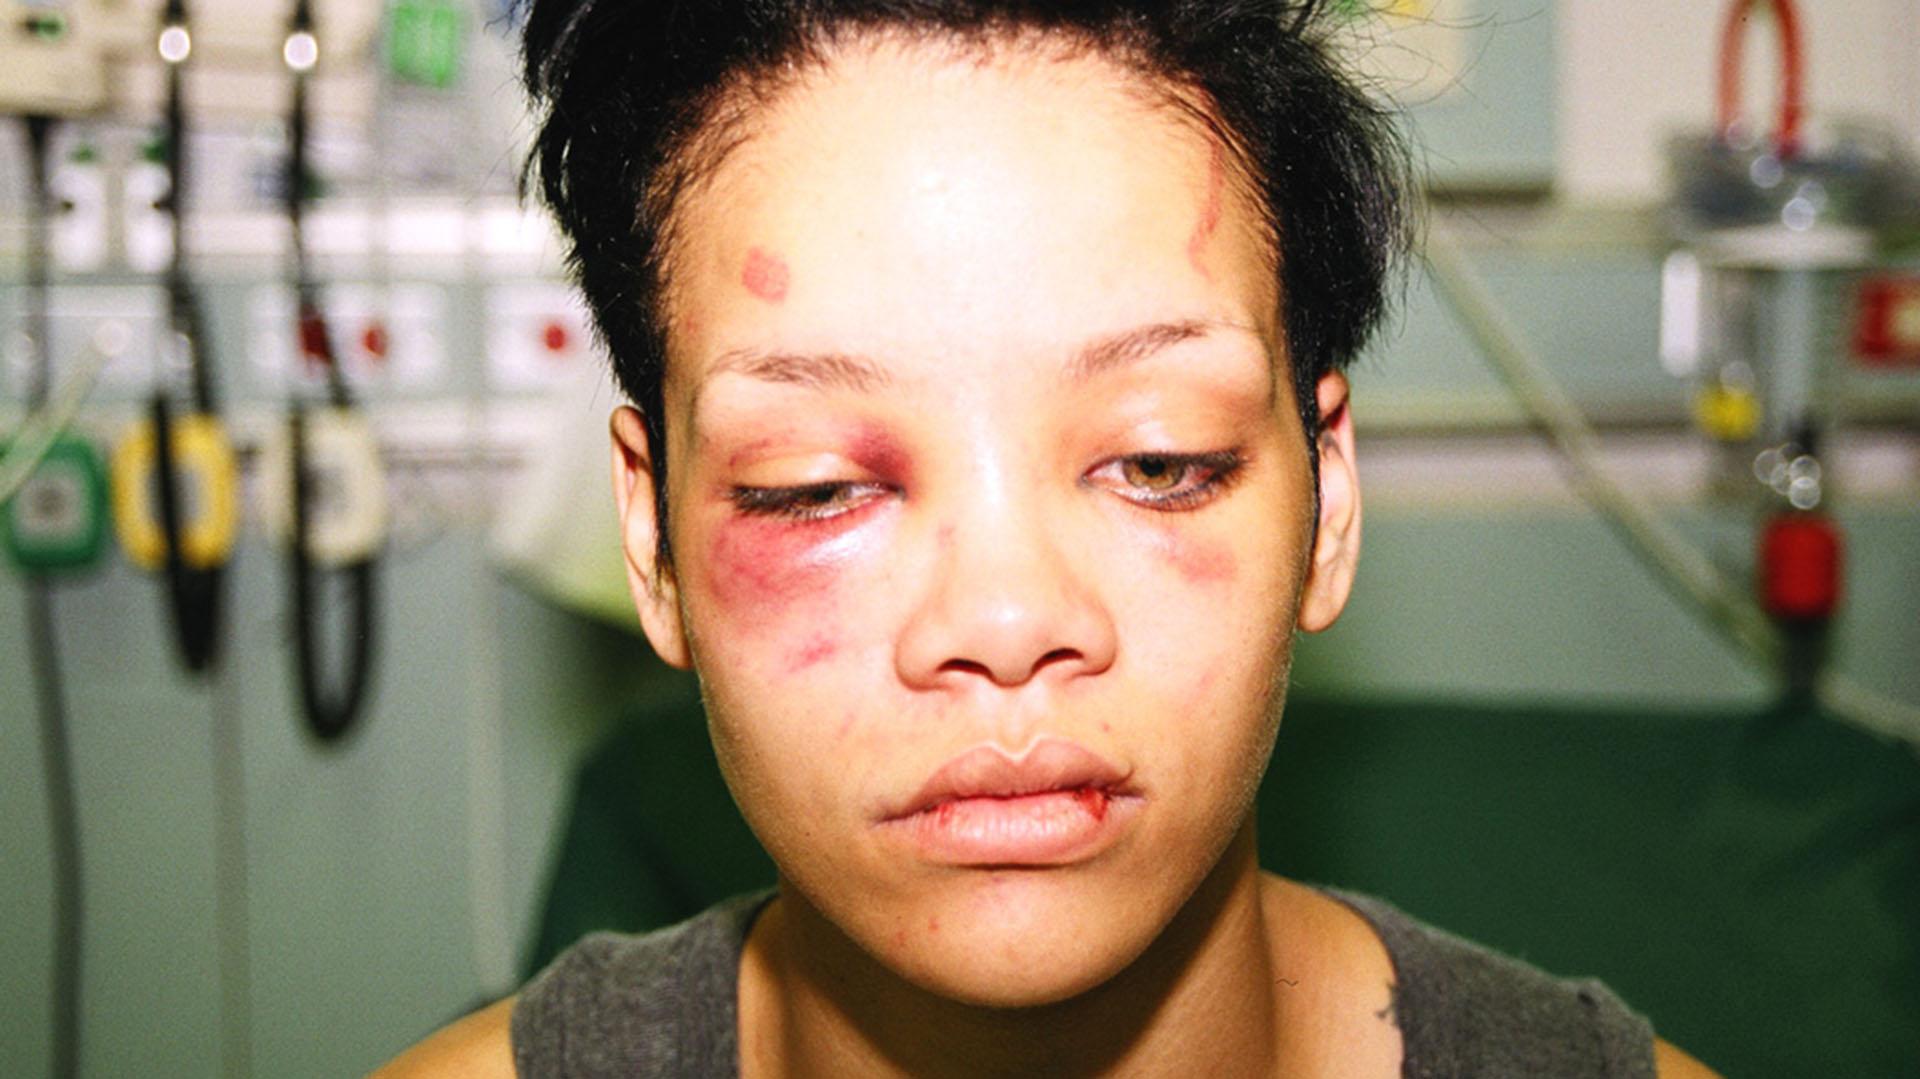 Captan a Rihanna llena de moretones en la cara